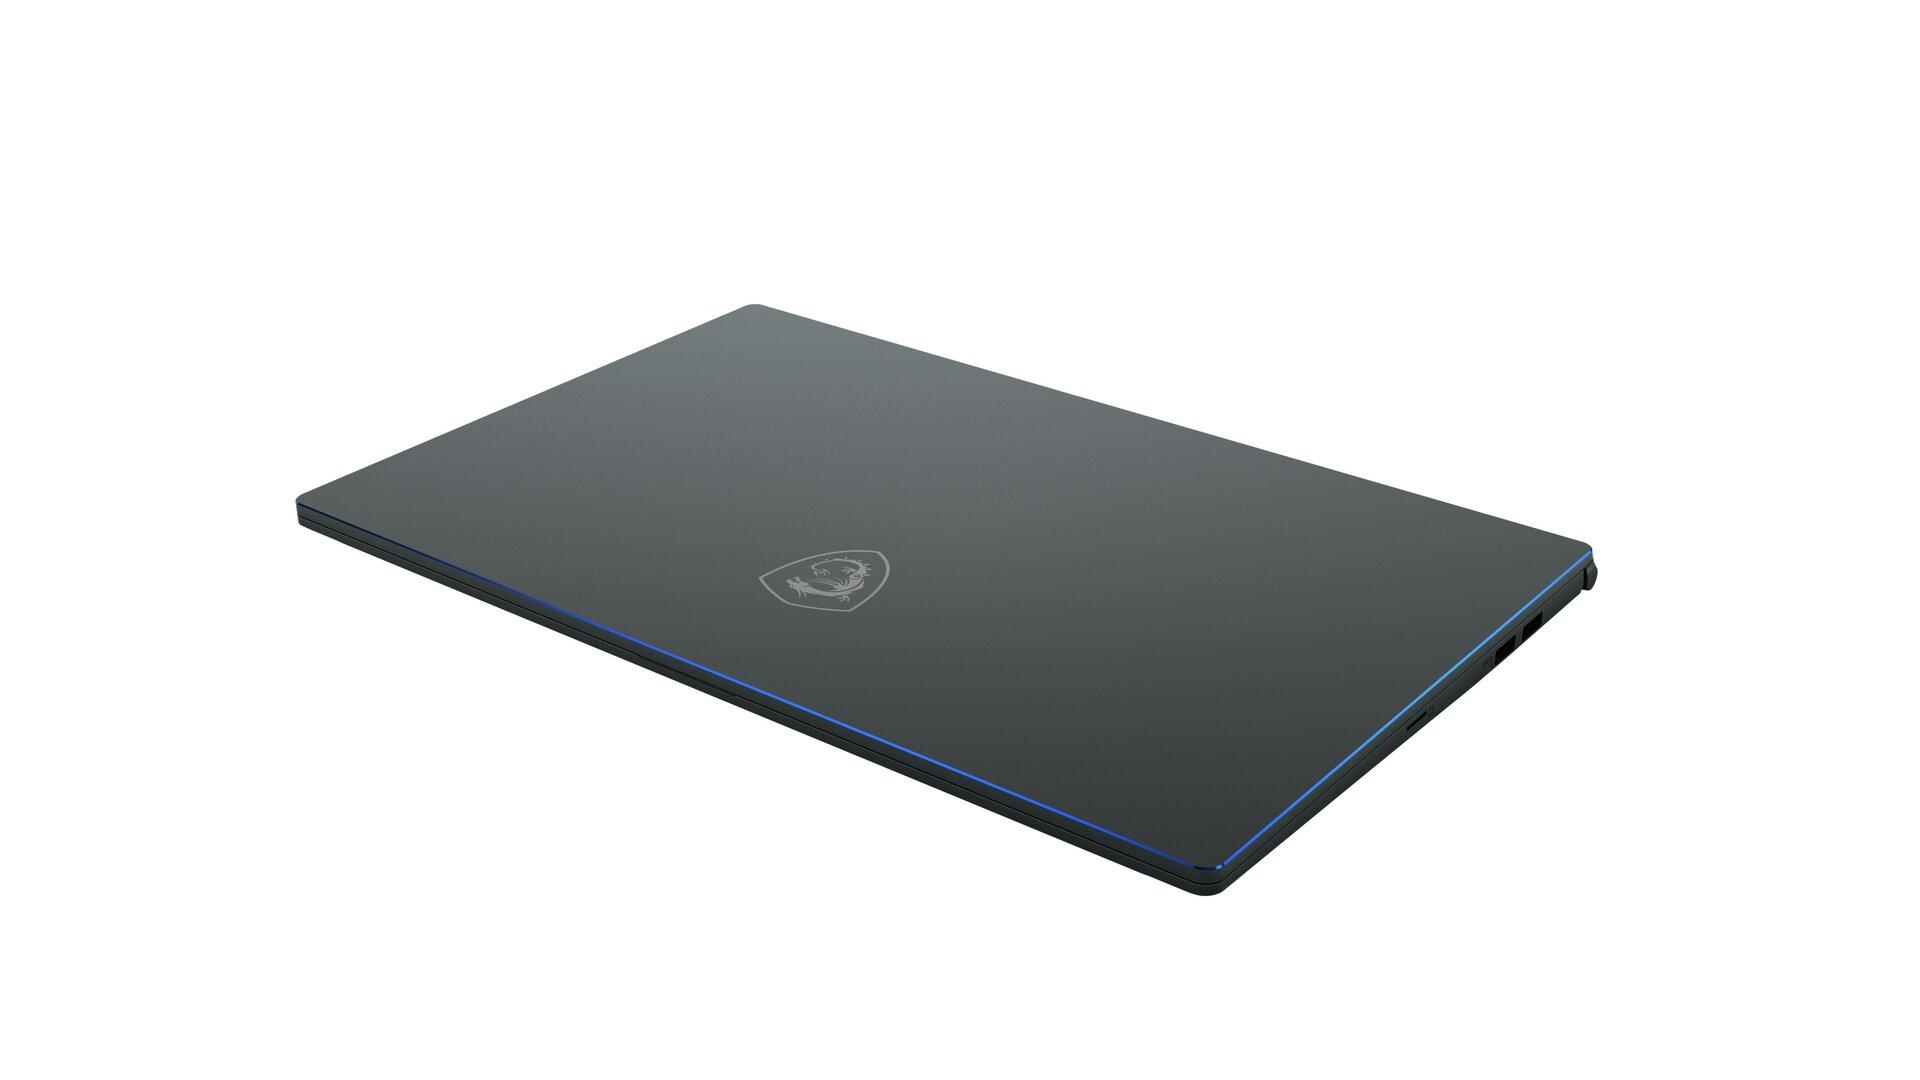 MSI анонсировала новый ноутбук для творчества — «высокая производительность и великолепная автономность»